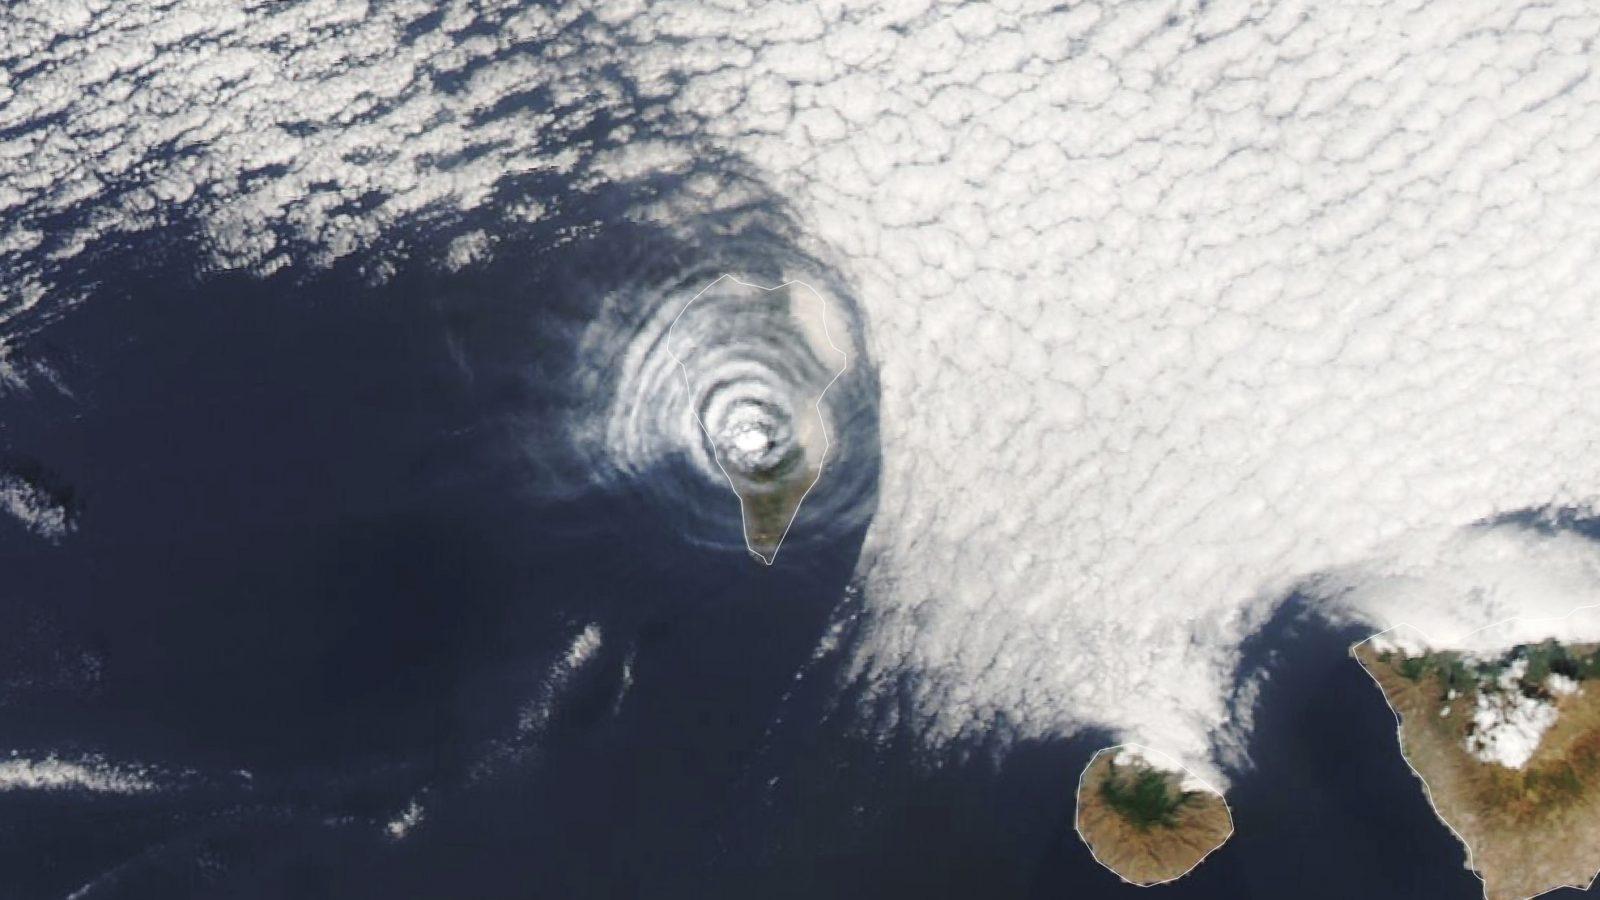 الأقمار الصناعية تلتقط صورا غريبة لموجات جاذبية فريدة أعلى بركان لابالما (فيديو)